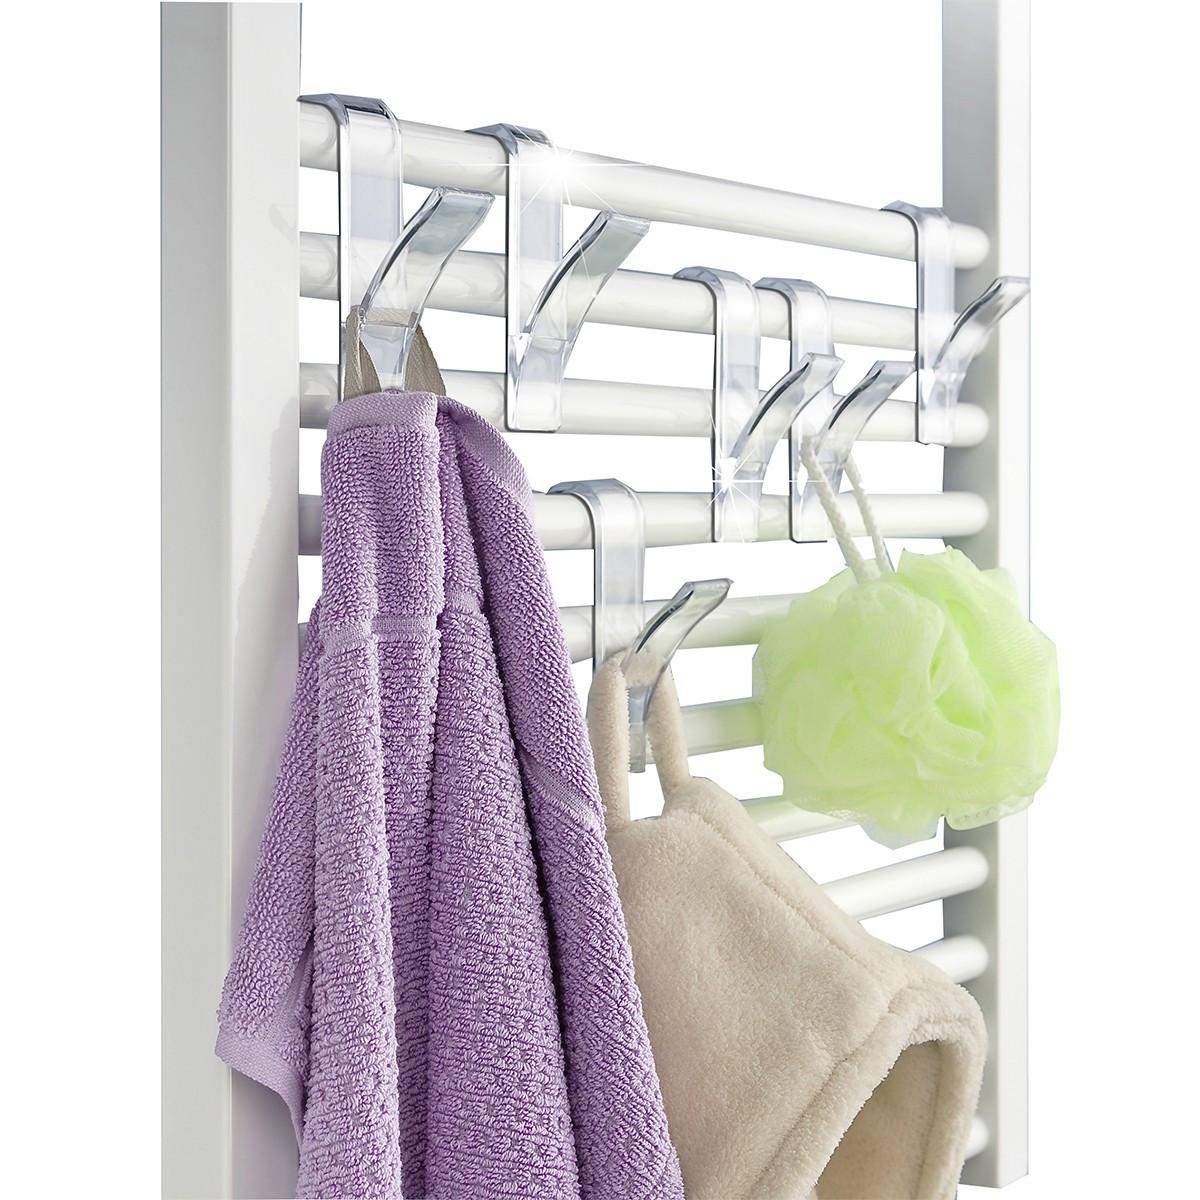 6 crochets suspendre sur radiateur salle de bain - Porte serviette en grillage plastique ...